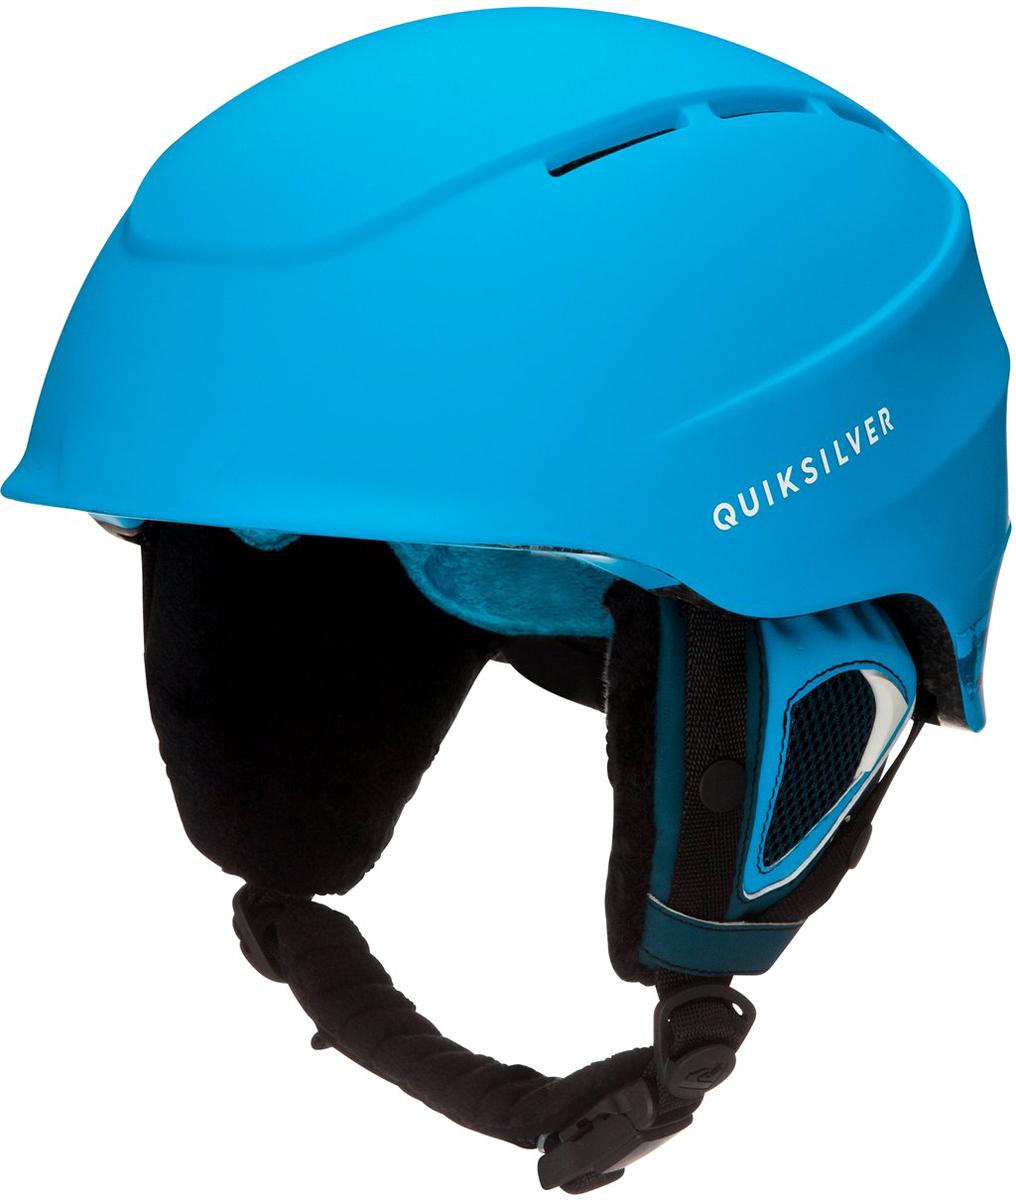 Шлем для горных лыж и сноуборда мужской Quiksilver. EQYTL03016-BYH0. Размер L (56-58)EQYTL03016-BYH0Шлем для горных лыж и сноуборда Quiksilver выполнен из материала двойной микрошелл сверхлегкой литой конструкции. Ударопоглощающий пенный полимер EPS обеспечивает безопасность.На шлеме расположены вентиляционные отверстия с металлической отделкой спереди. Подкладка выполнена из сетки и флисовой шерпы. Шлем оснащен мягкими термоформованными съемными накладками на уши. Система регулировки размера.Стреп на подбородок выполнен из мягкой шерпы и оснащен застежкой системы Fidlock. Вес: 400 г. Сертификация: EN1077.